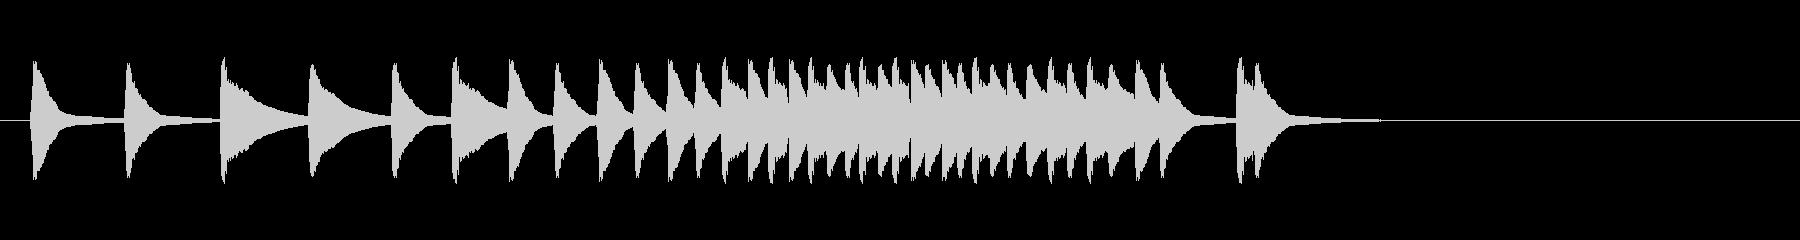 三味線の効果音(単音)パターン3の未再生の波形